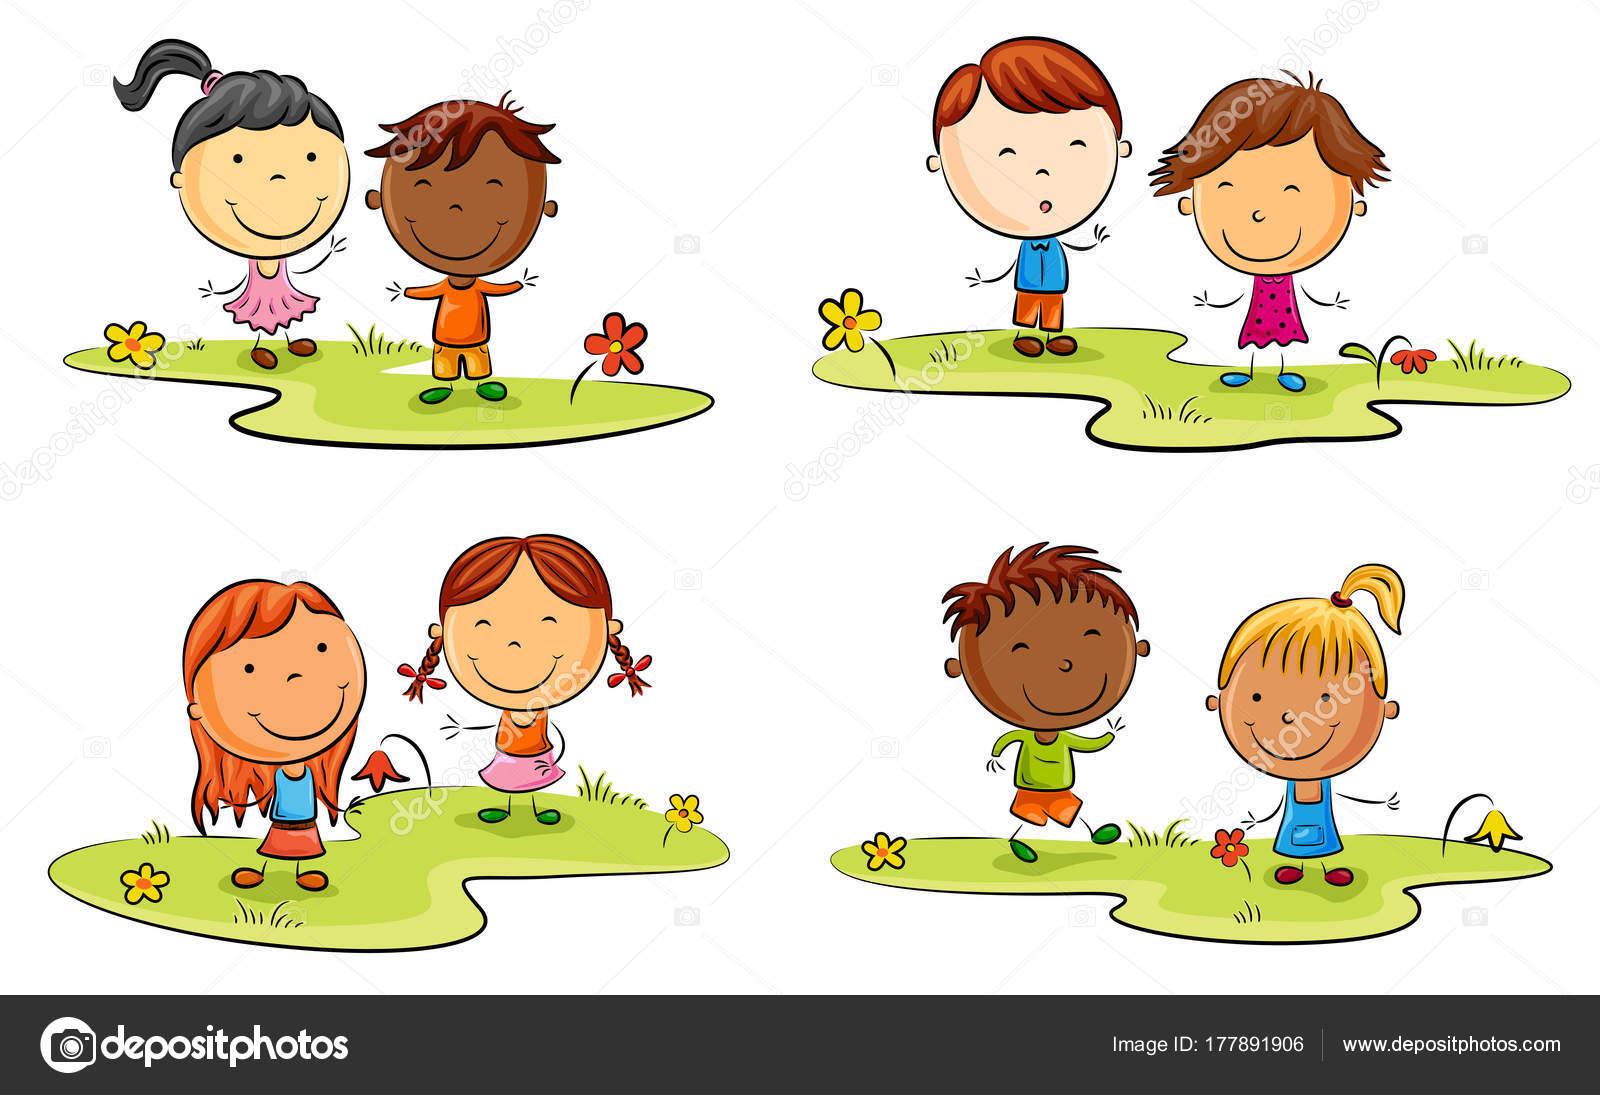 Imagenes De Niños Jugando En Caricatura